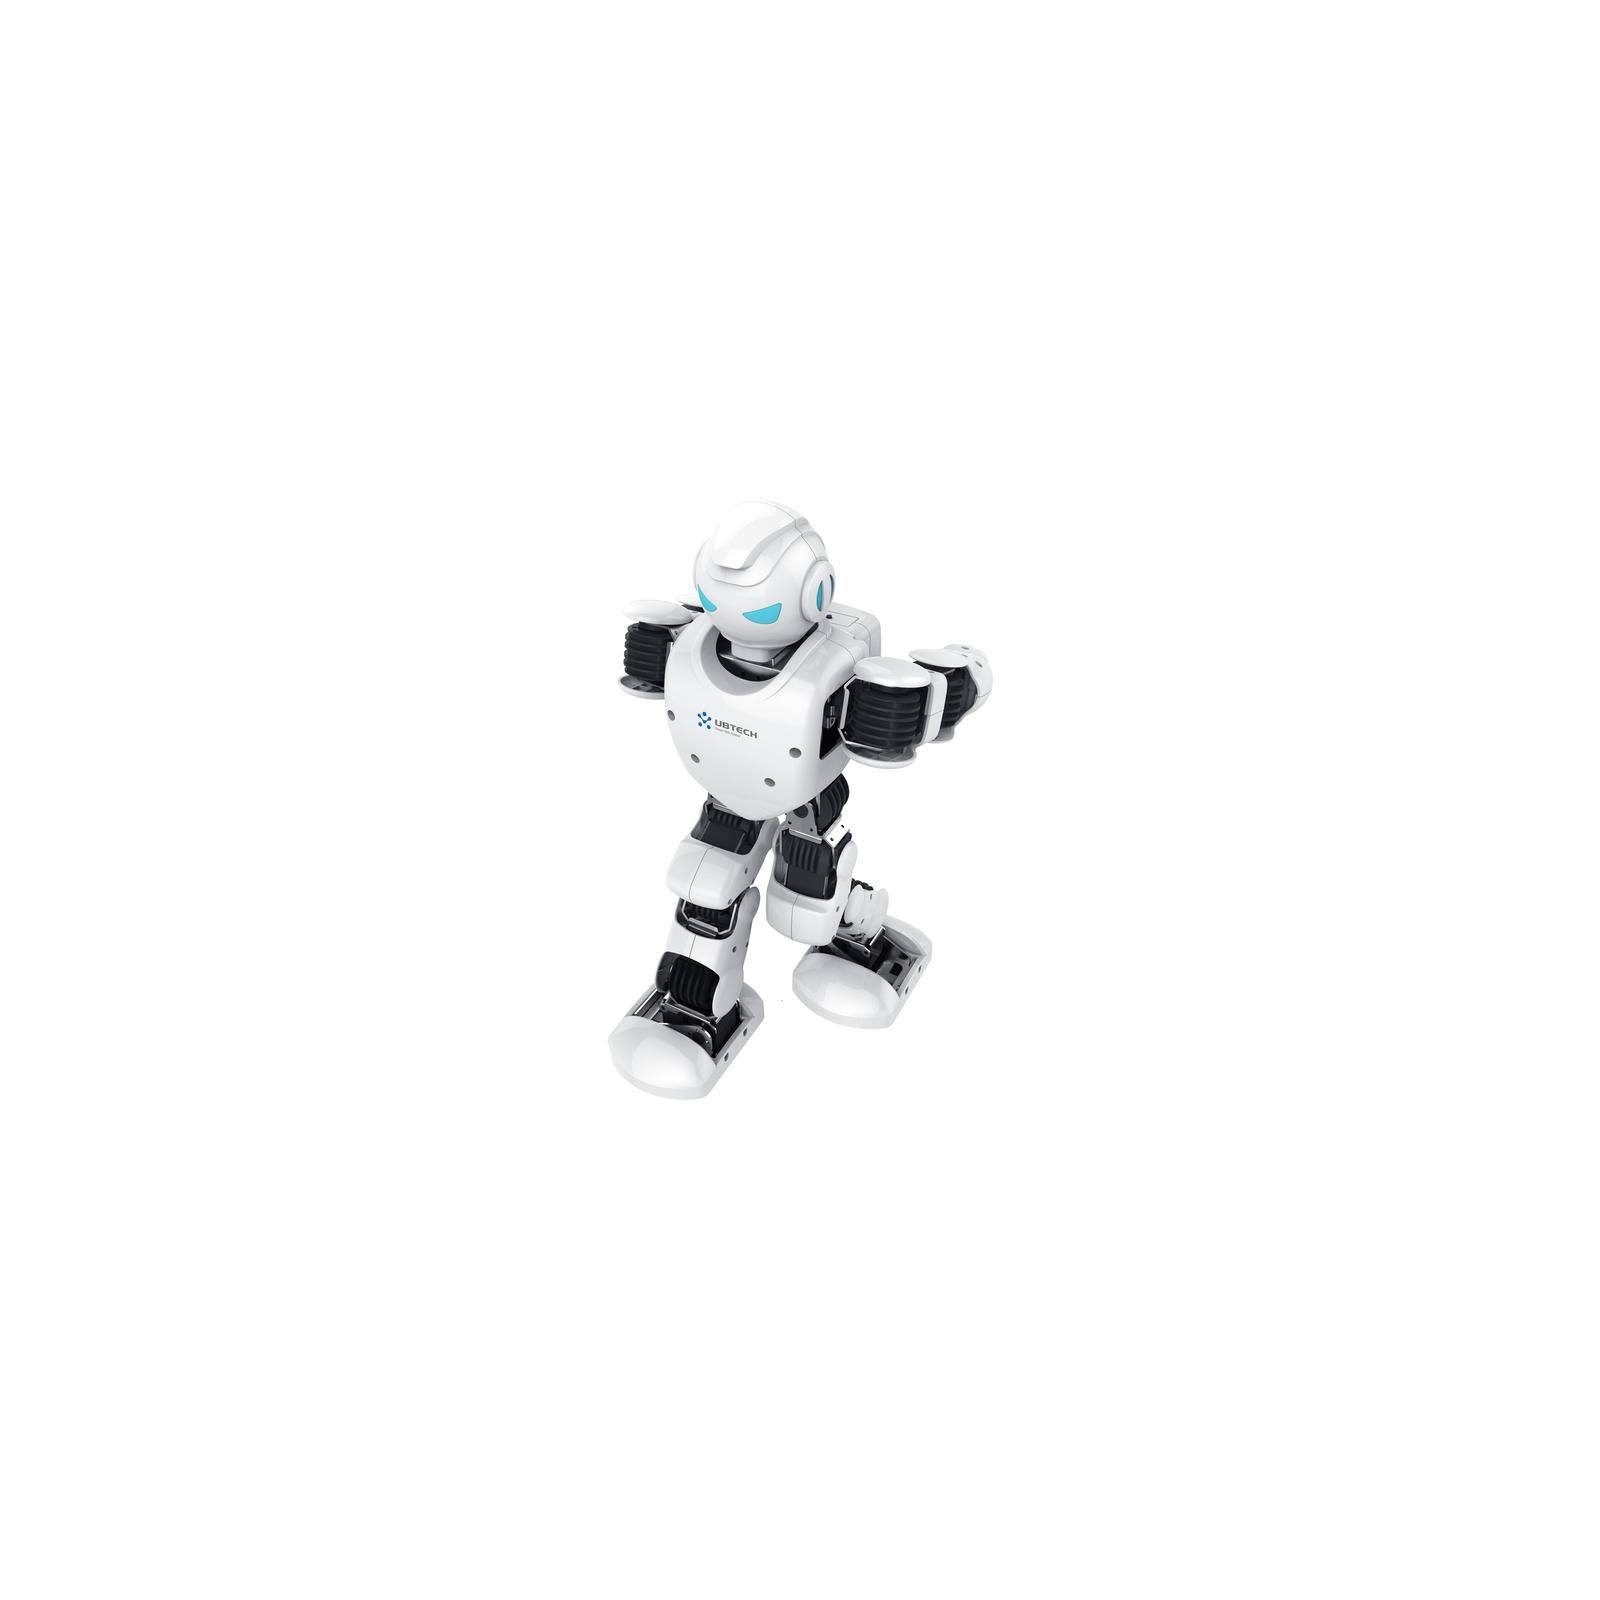 Робот Ubtech Alpha 1Pro изображение 6